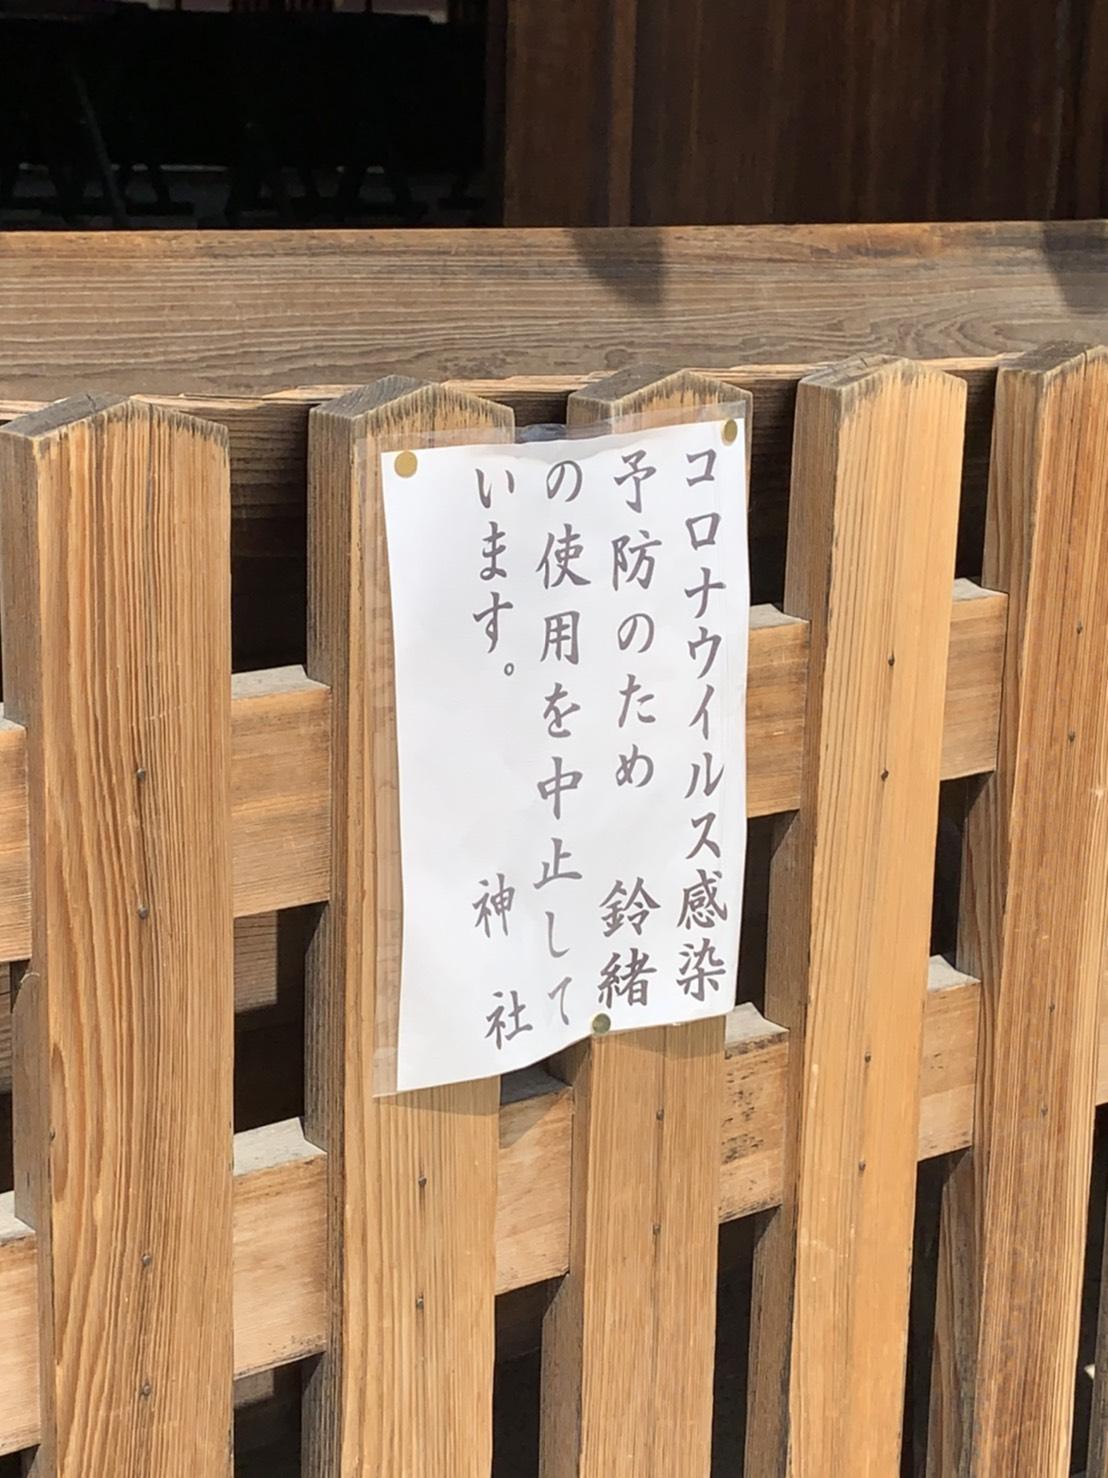 コストコ 神戸 コロナ 新型コロナウィルス感染発生と対応について Costco